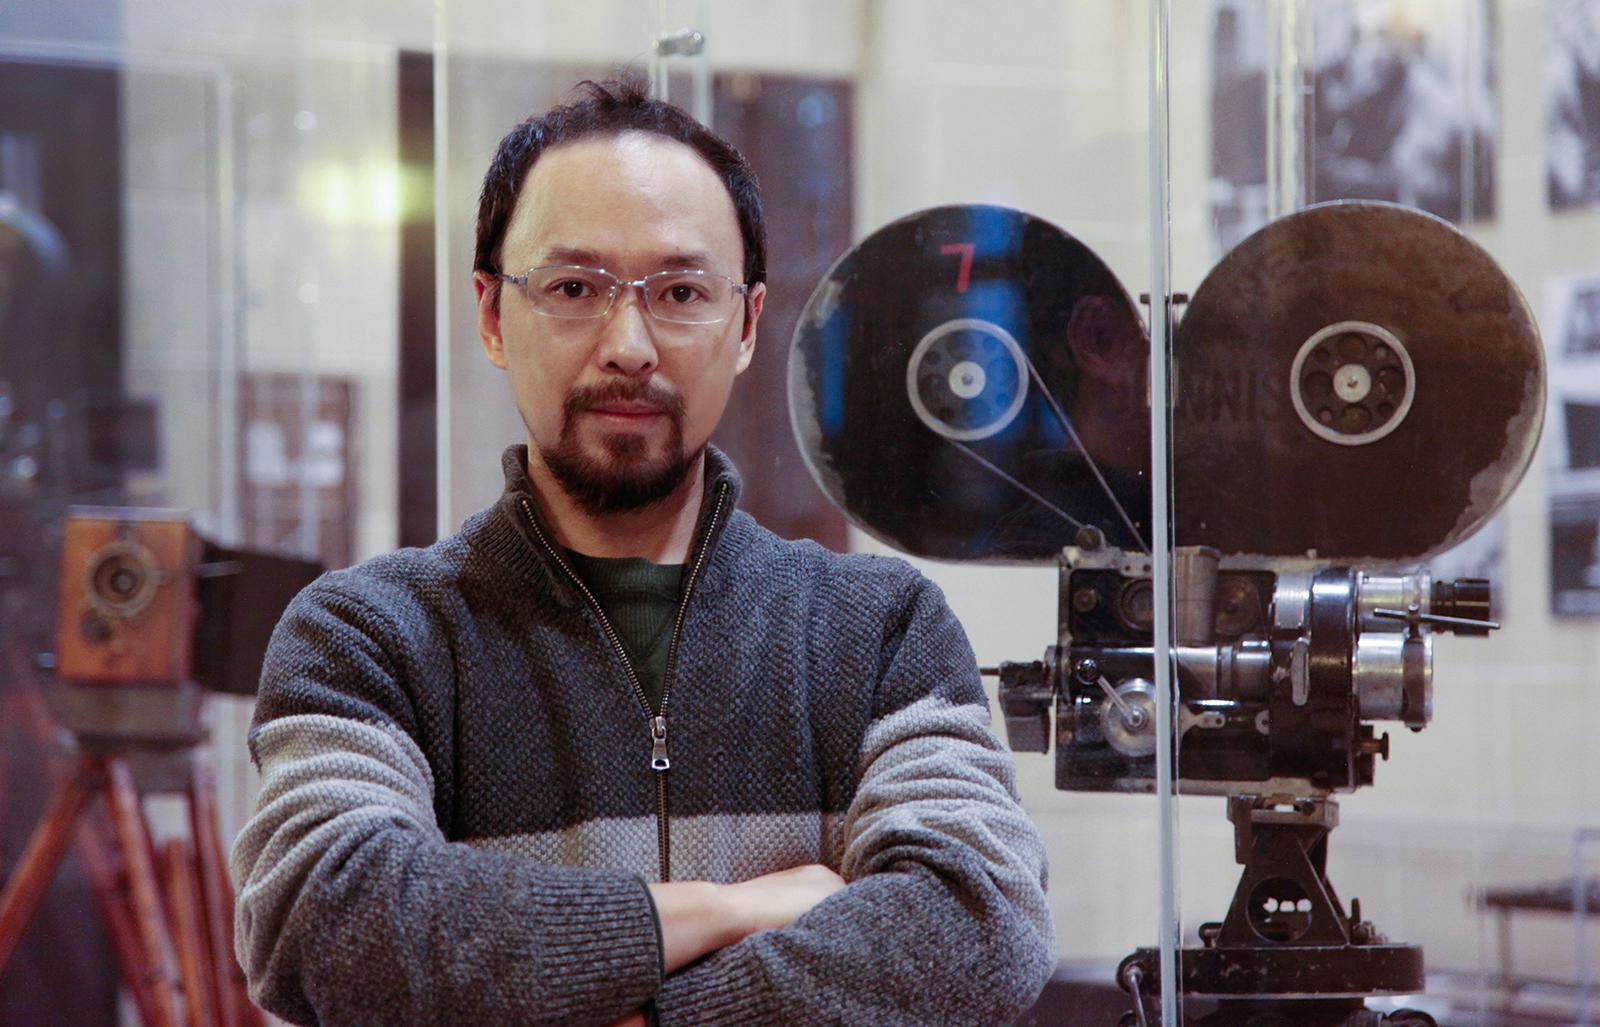 Yuechuan Ke